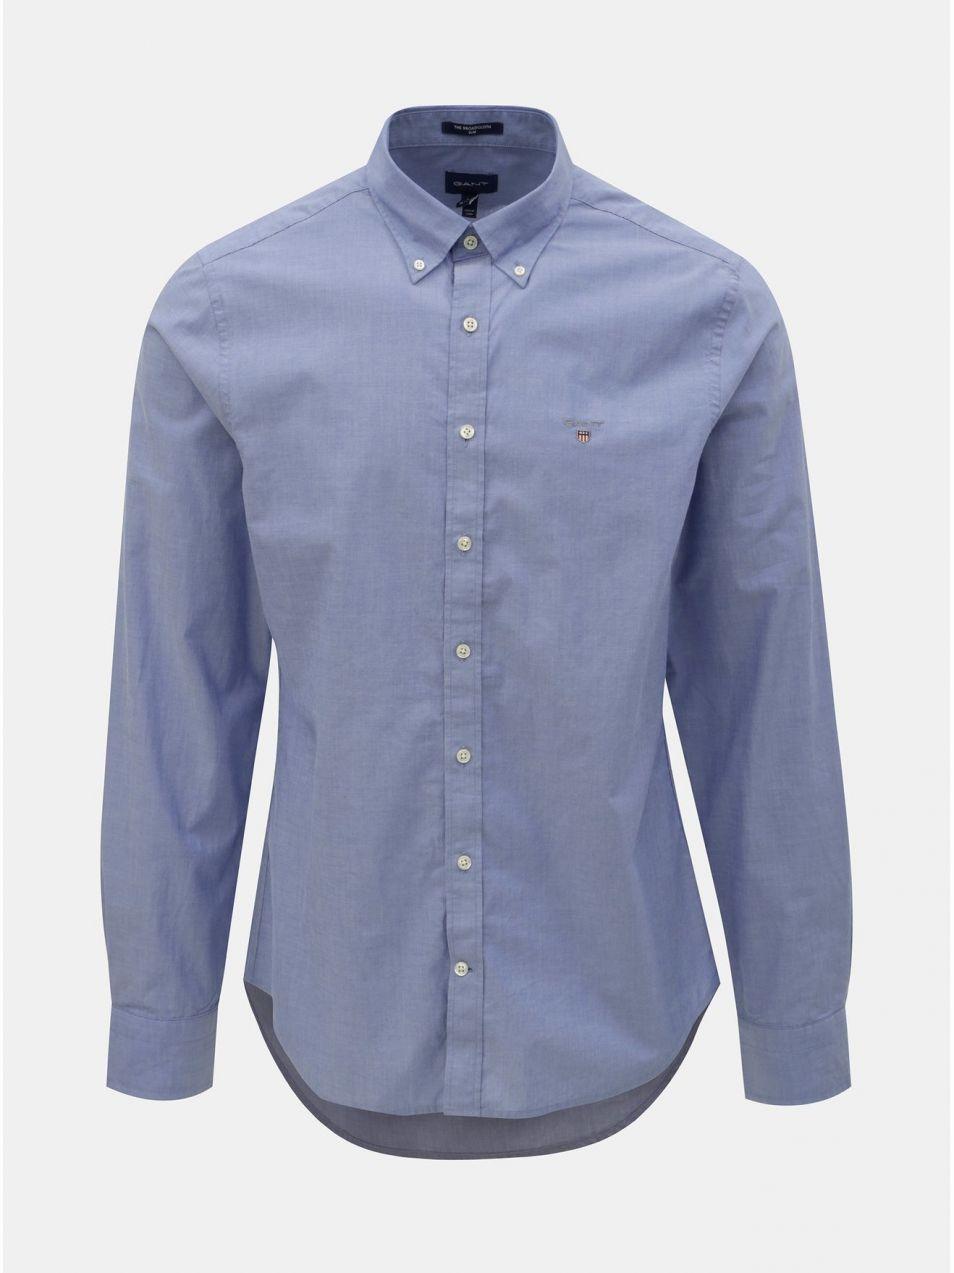 b269ed2b1e Modrá pánska slim fit košeľa GANT značky Gant - Lovely.sk